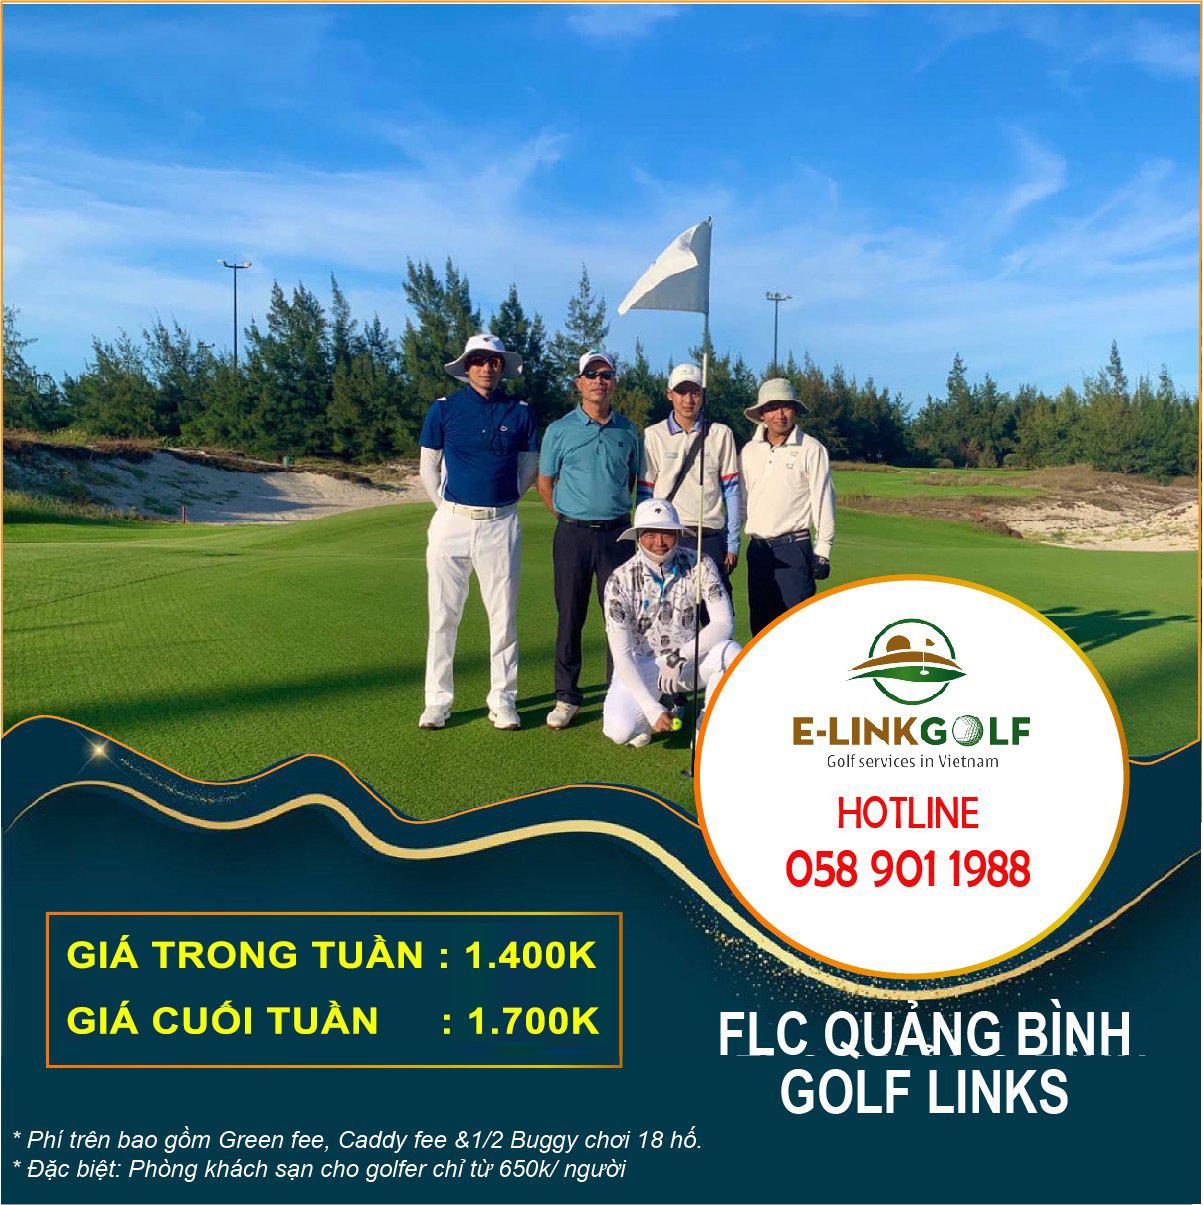 Sân golf FLC Quảng Bình Golf Link